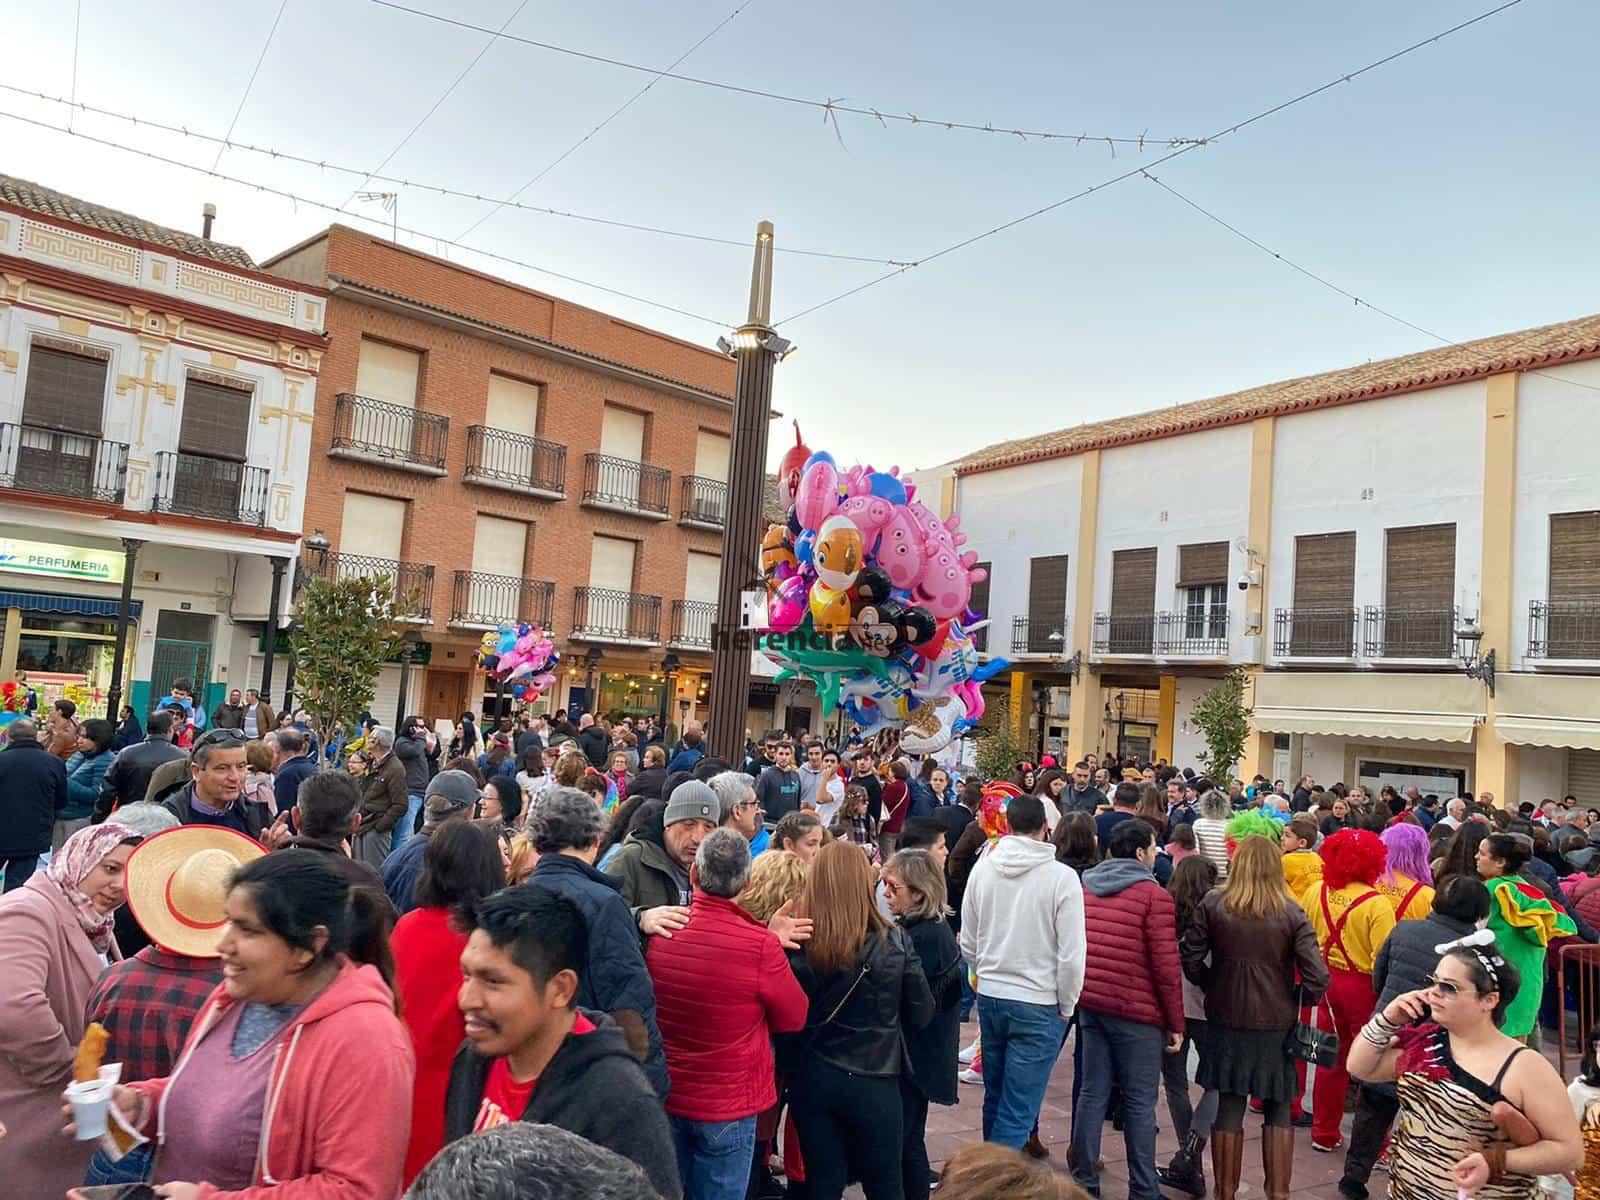 Carnaval herencia 2020 pasacalles domingo deseosas 45 - El Domingo de las Deseosas invita a todo el mundo al Carnaval de Herencia